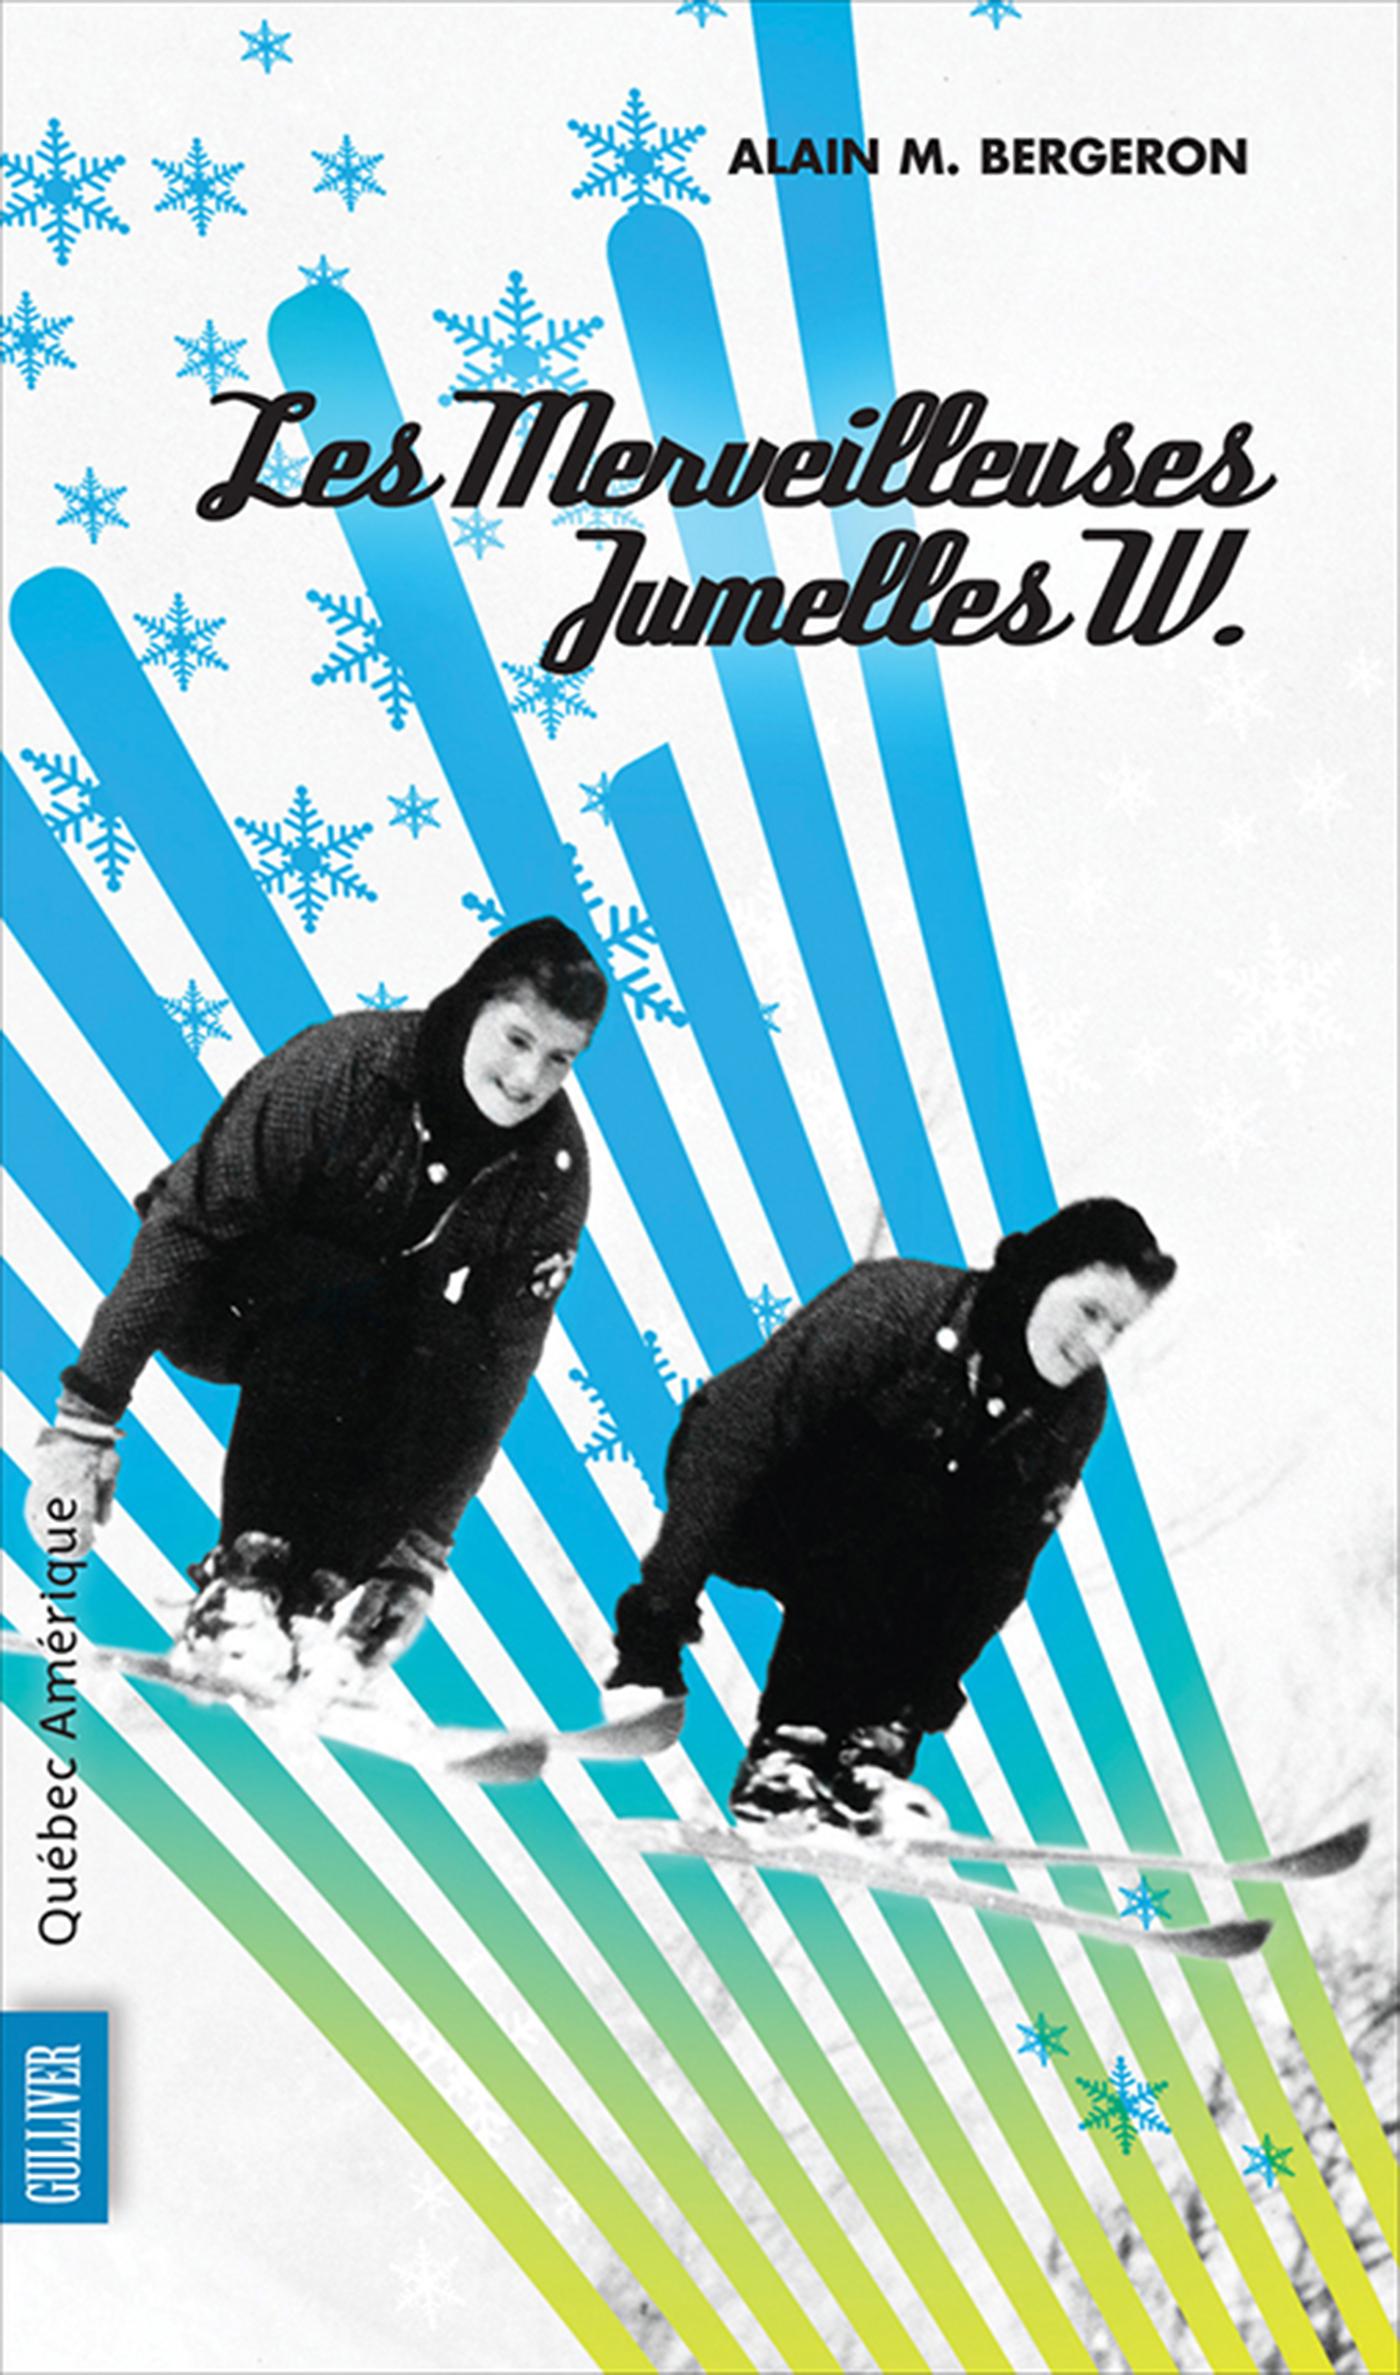 Couverture : Les merveilleuses jumelles W Alain M. Bergeron